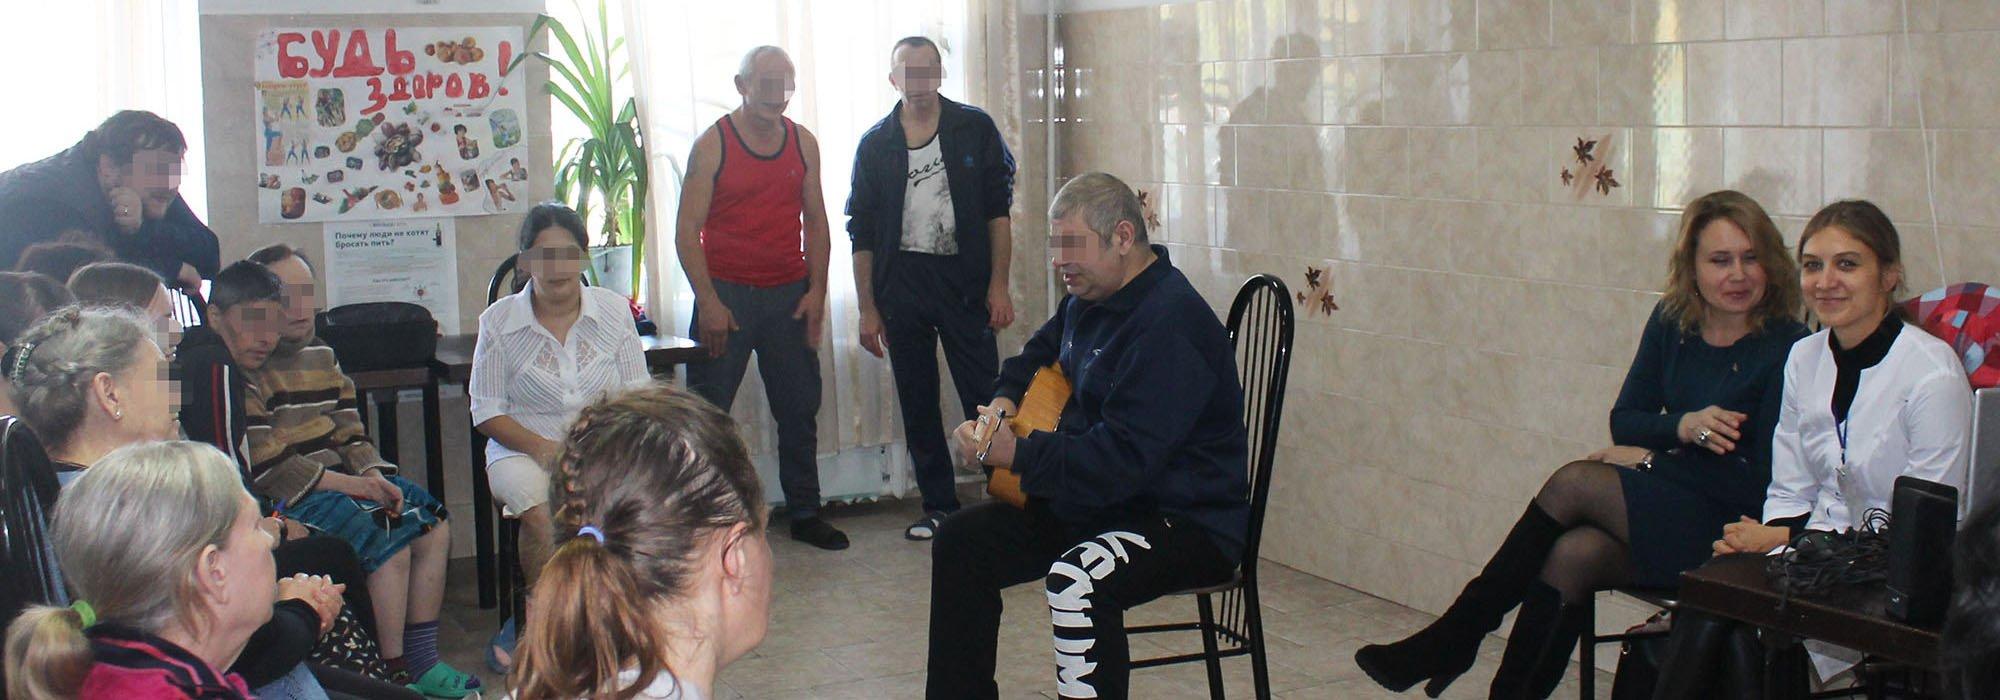 В рамках фестиваля «Душевный арт» состоялись концерты в отделениях и 33 школе